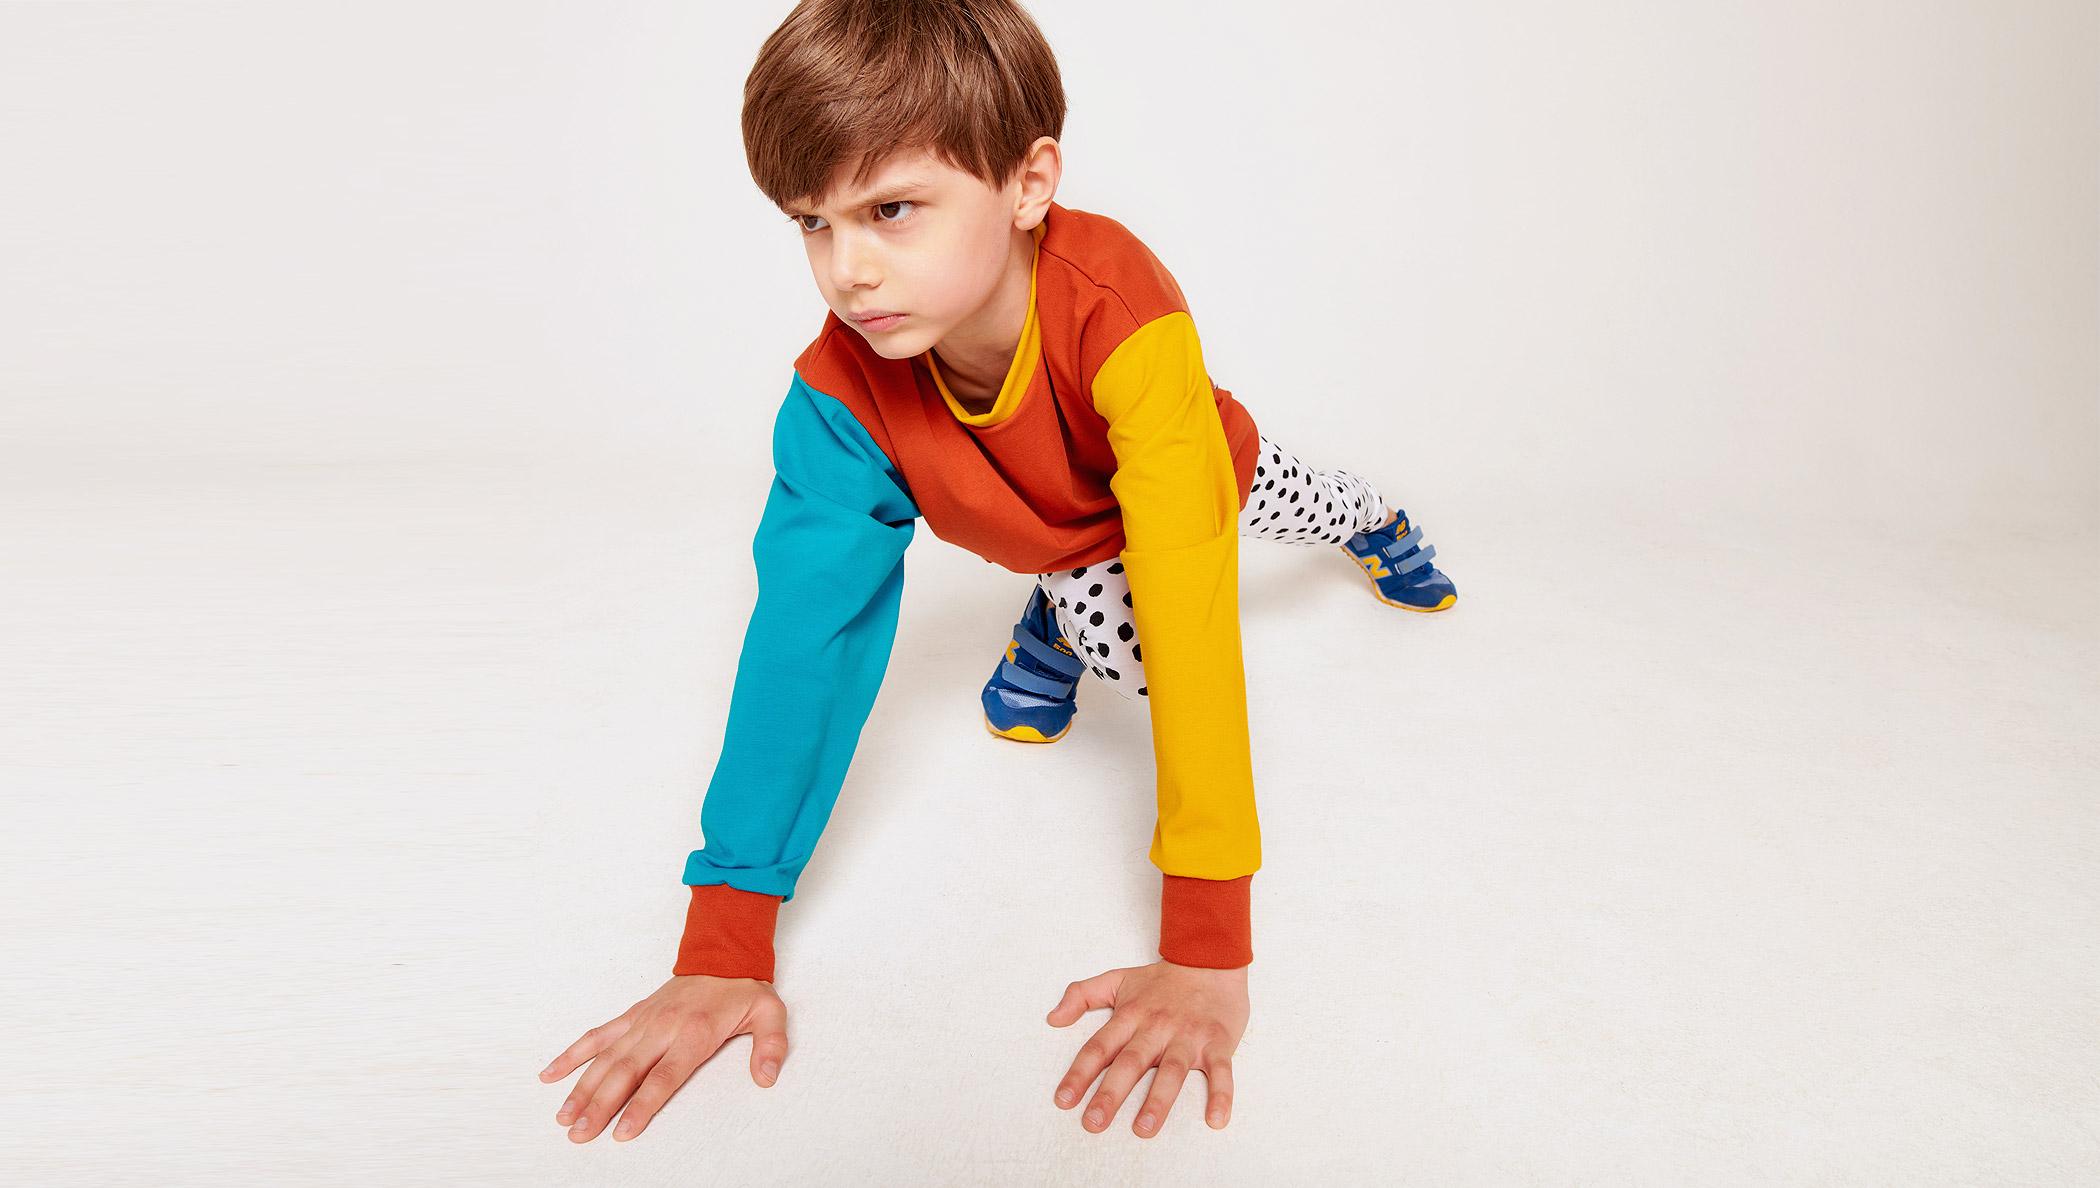 Braunhaariger Junge mit Colorblock-Pullover und Kritzelpunkte-Leggings